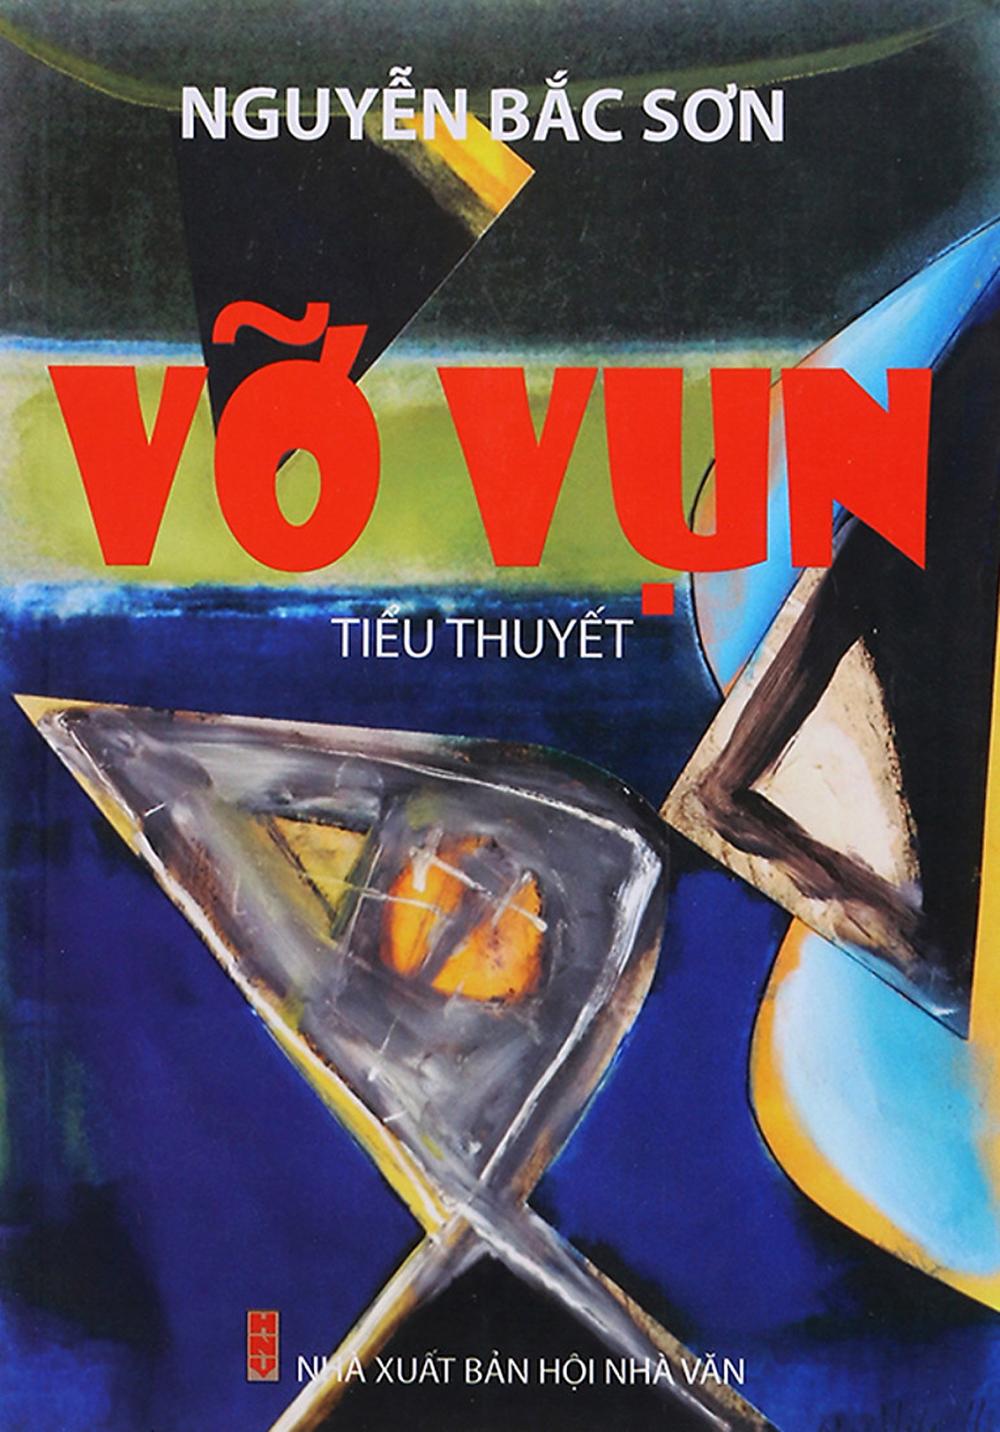 Một số tác phẩm vừa được trao giải thưởng Hội Nhà văn Việt Nam 2020 và Cuộc thi tiểu thuyết lần 5